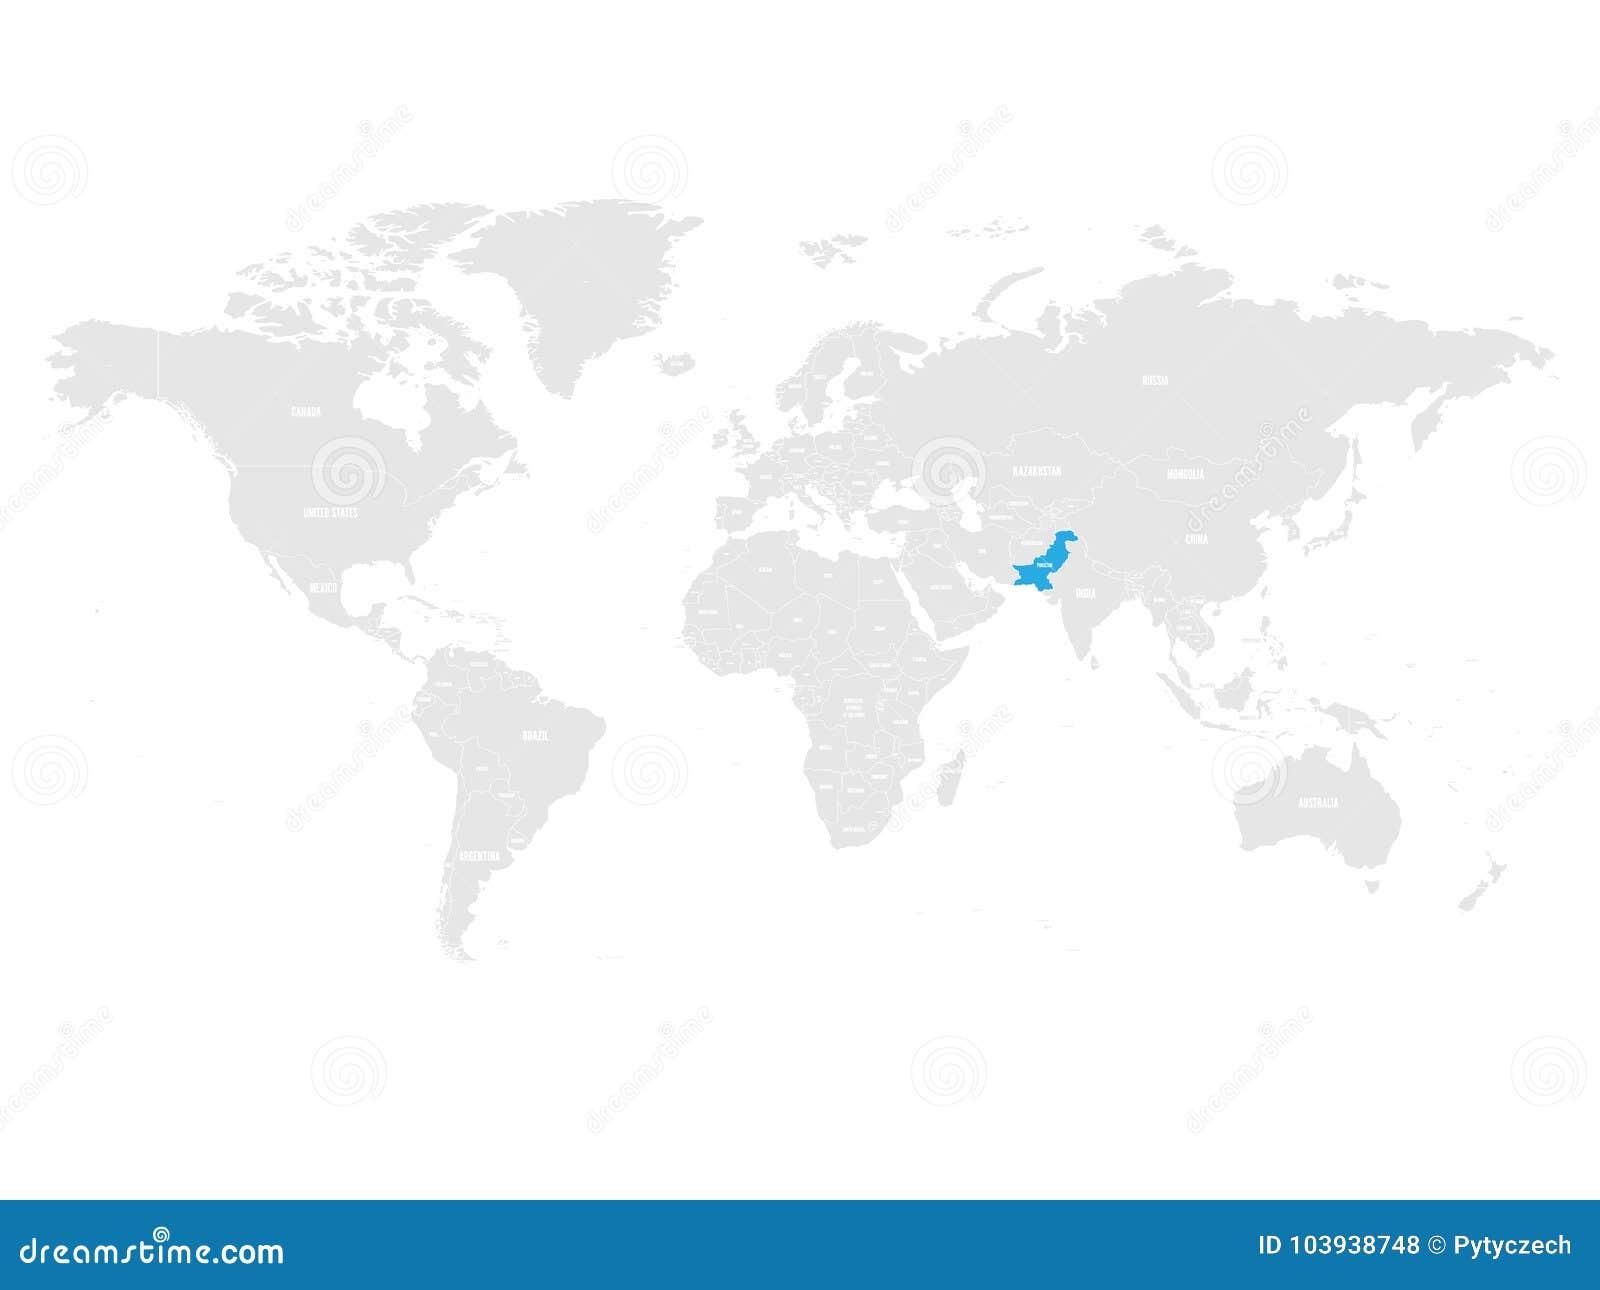 Le Pakistan A Marque Par Le Bleu Dans La Carte Politique Du Monde Gris Illustration De Vecteur Illustration De Vecteur Illustration Du Monde Carte 103938748